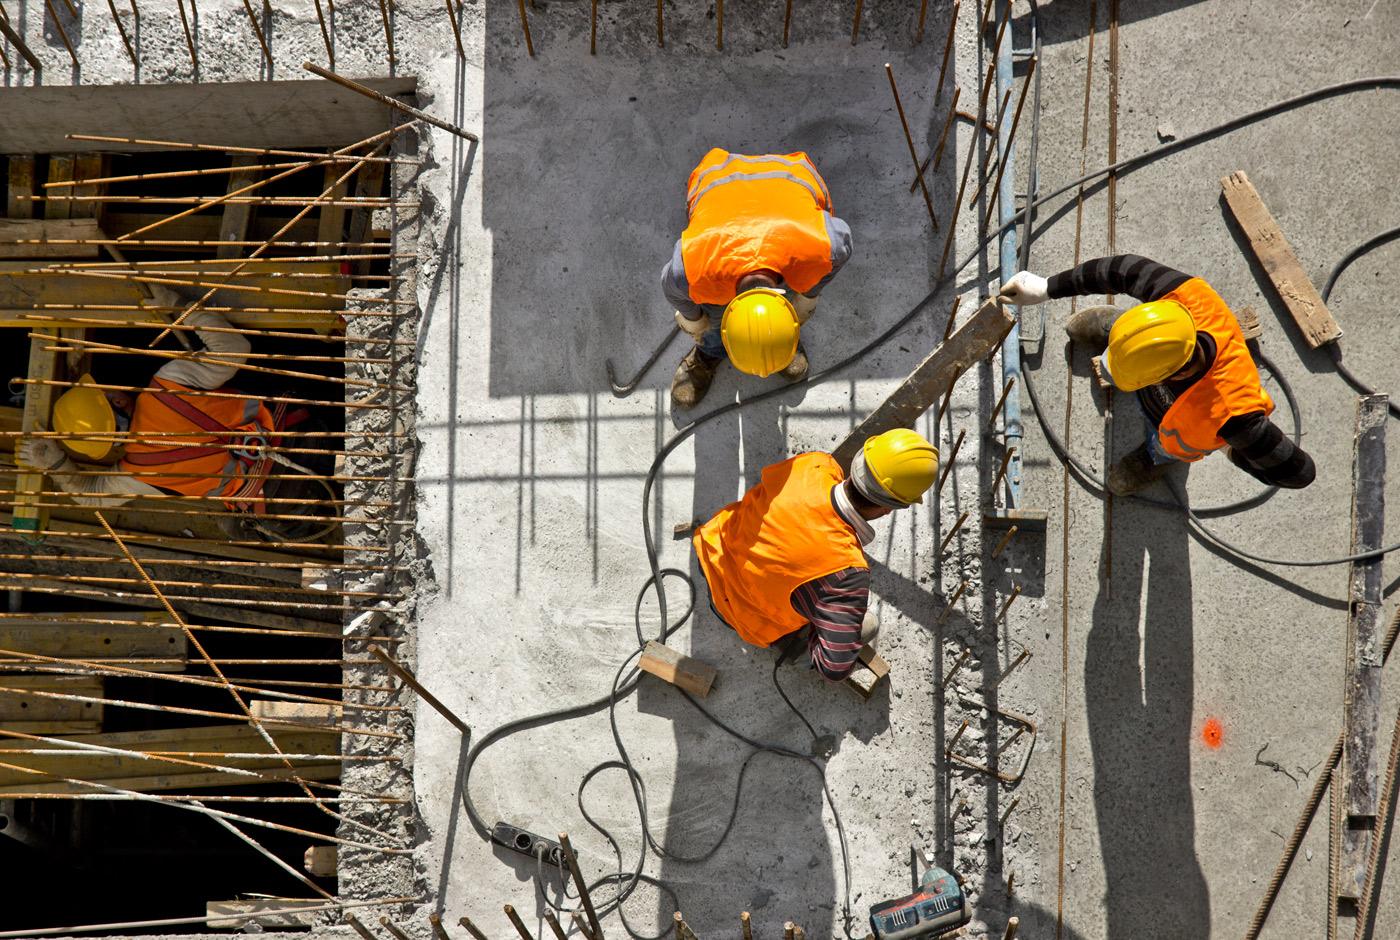 Bilde i fugleperspektiv som viser fire anleggsarbeidere på en byggeplass. De har på seg gule hjelmer og oransje vester.